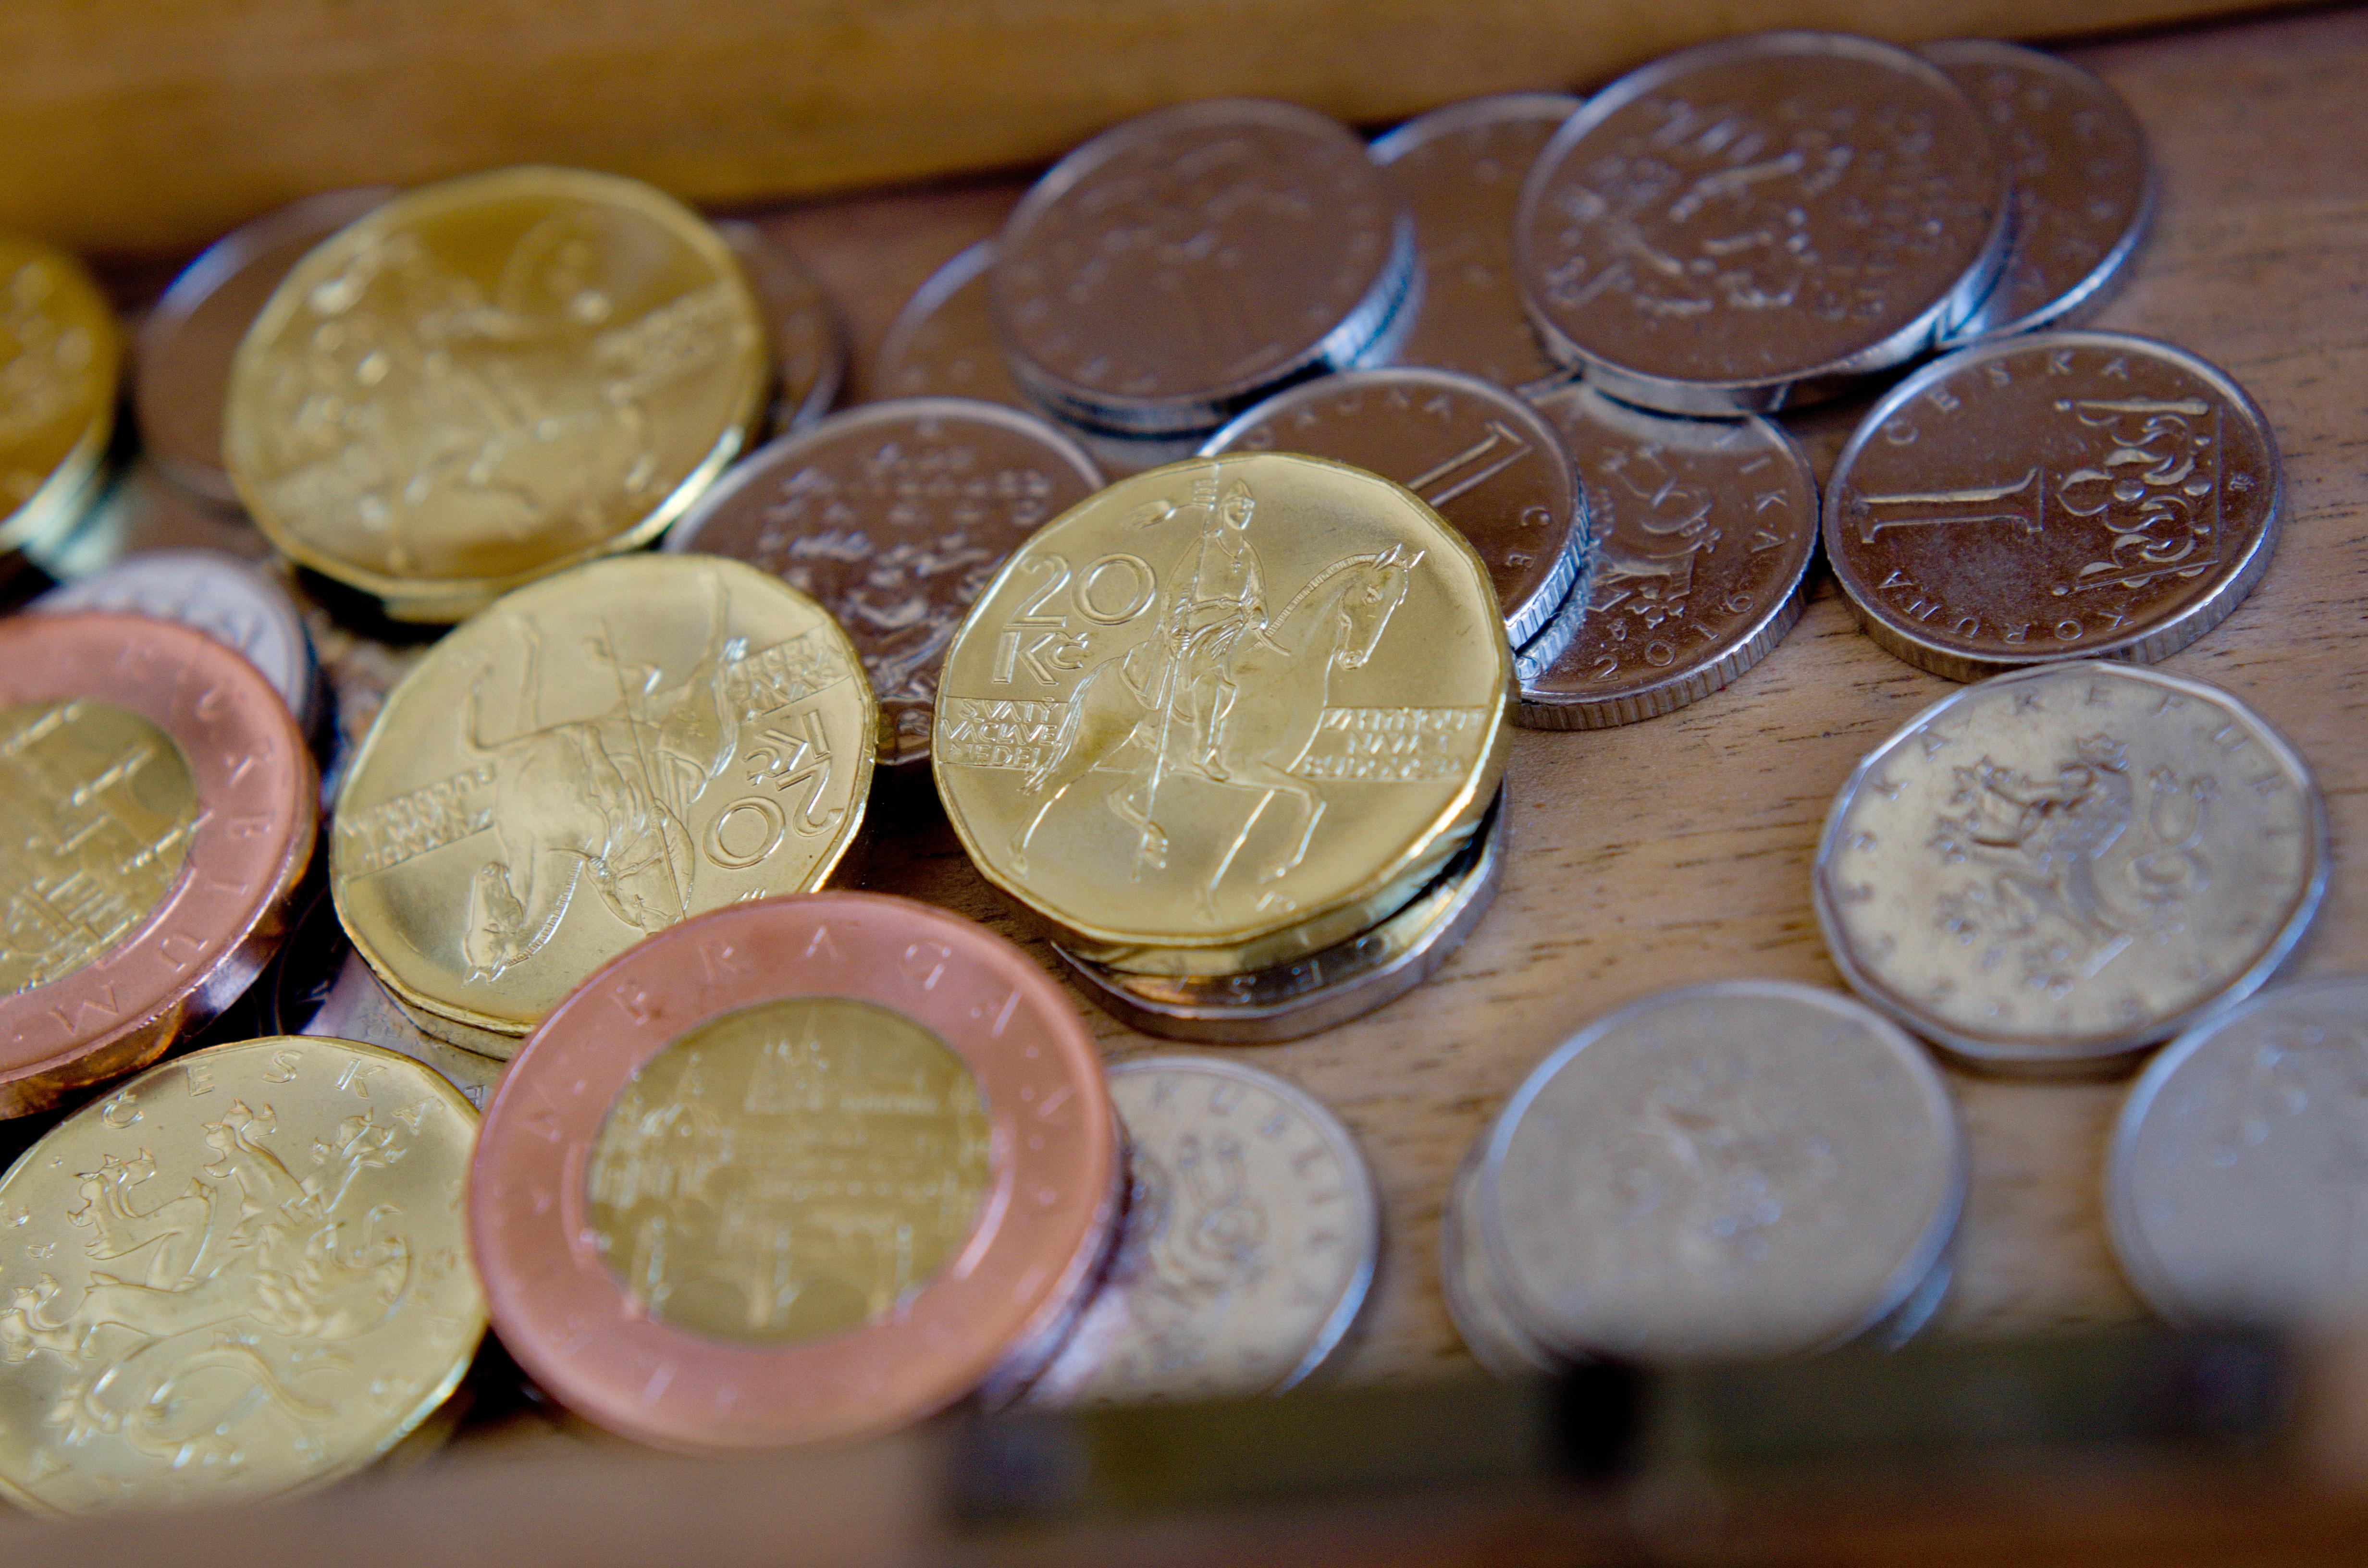 České mince, peníze